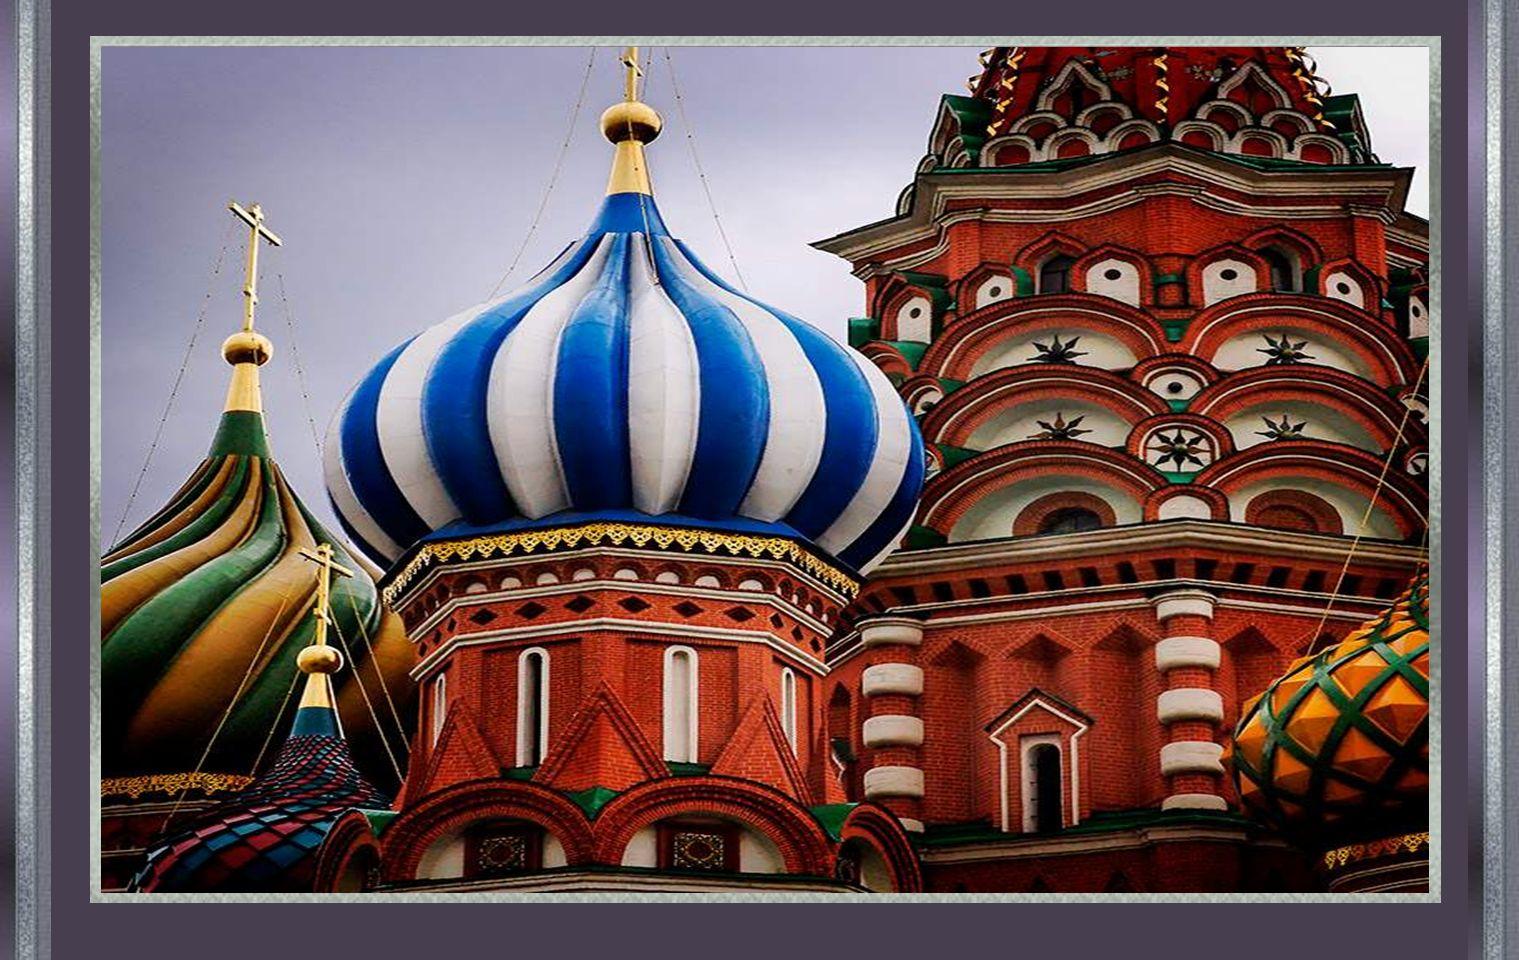 Segundo a lenda, Ivan mandou tirar os olhos ao arquitecto que a construíu, para que não pudesse fazer outra igual ou melhor.